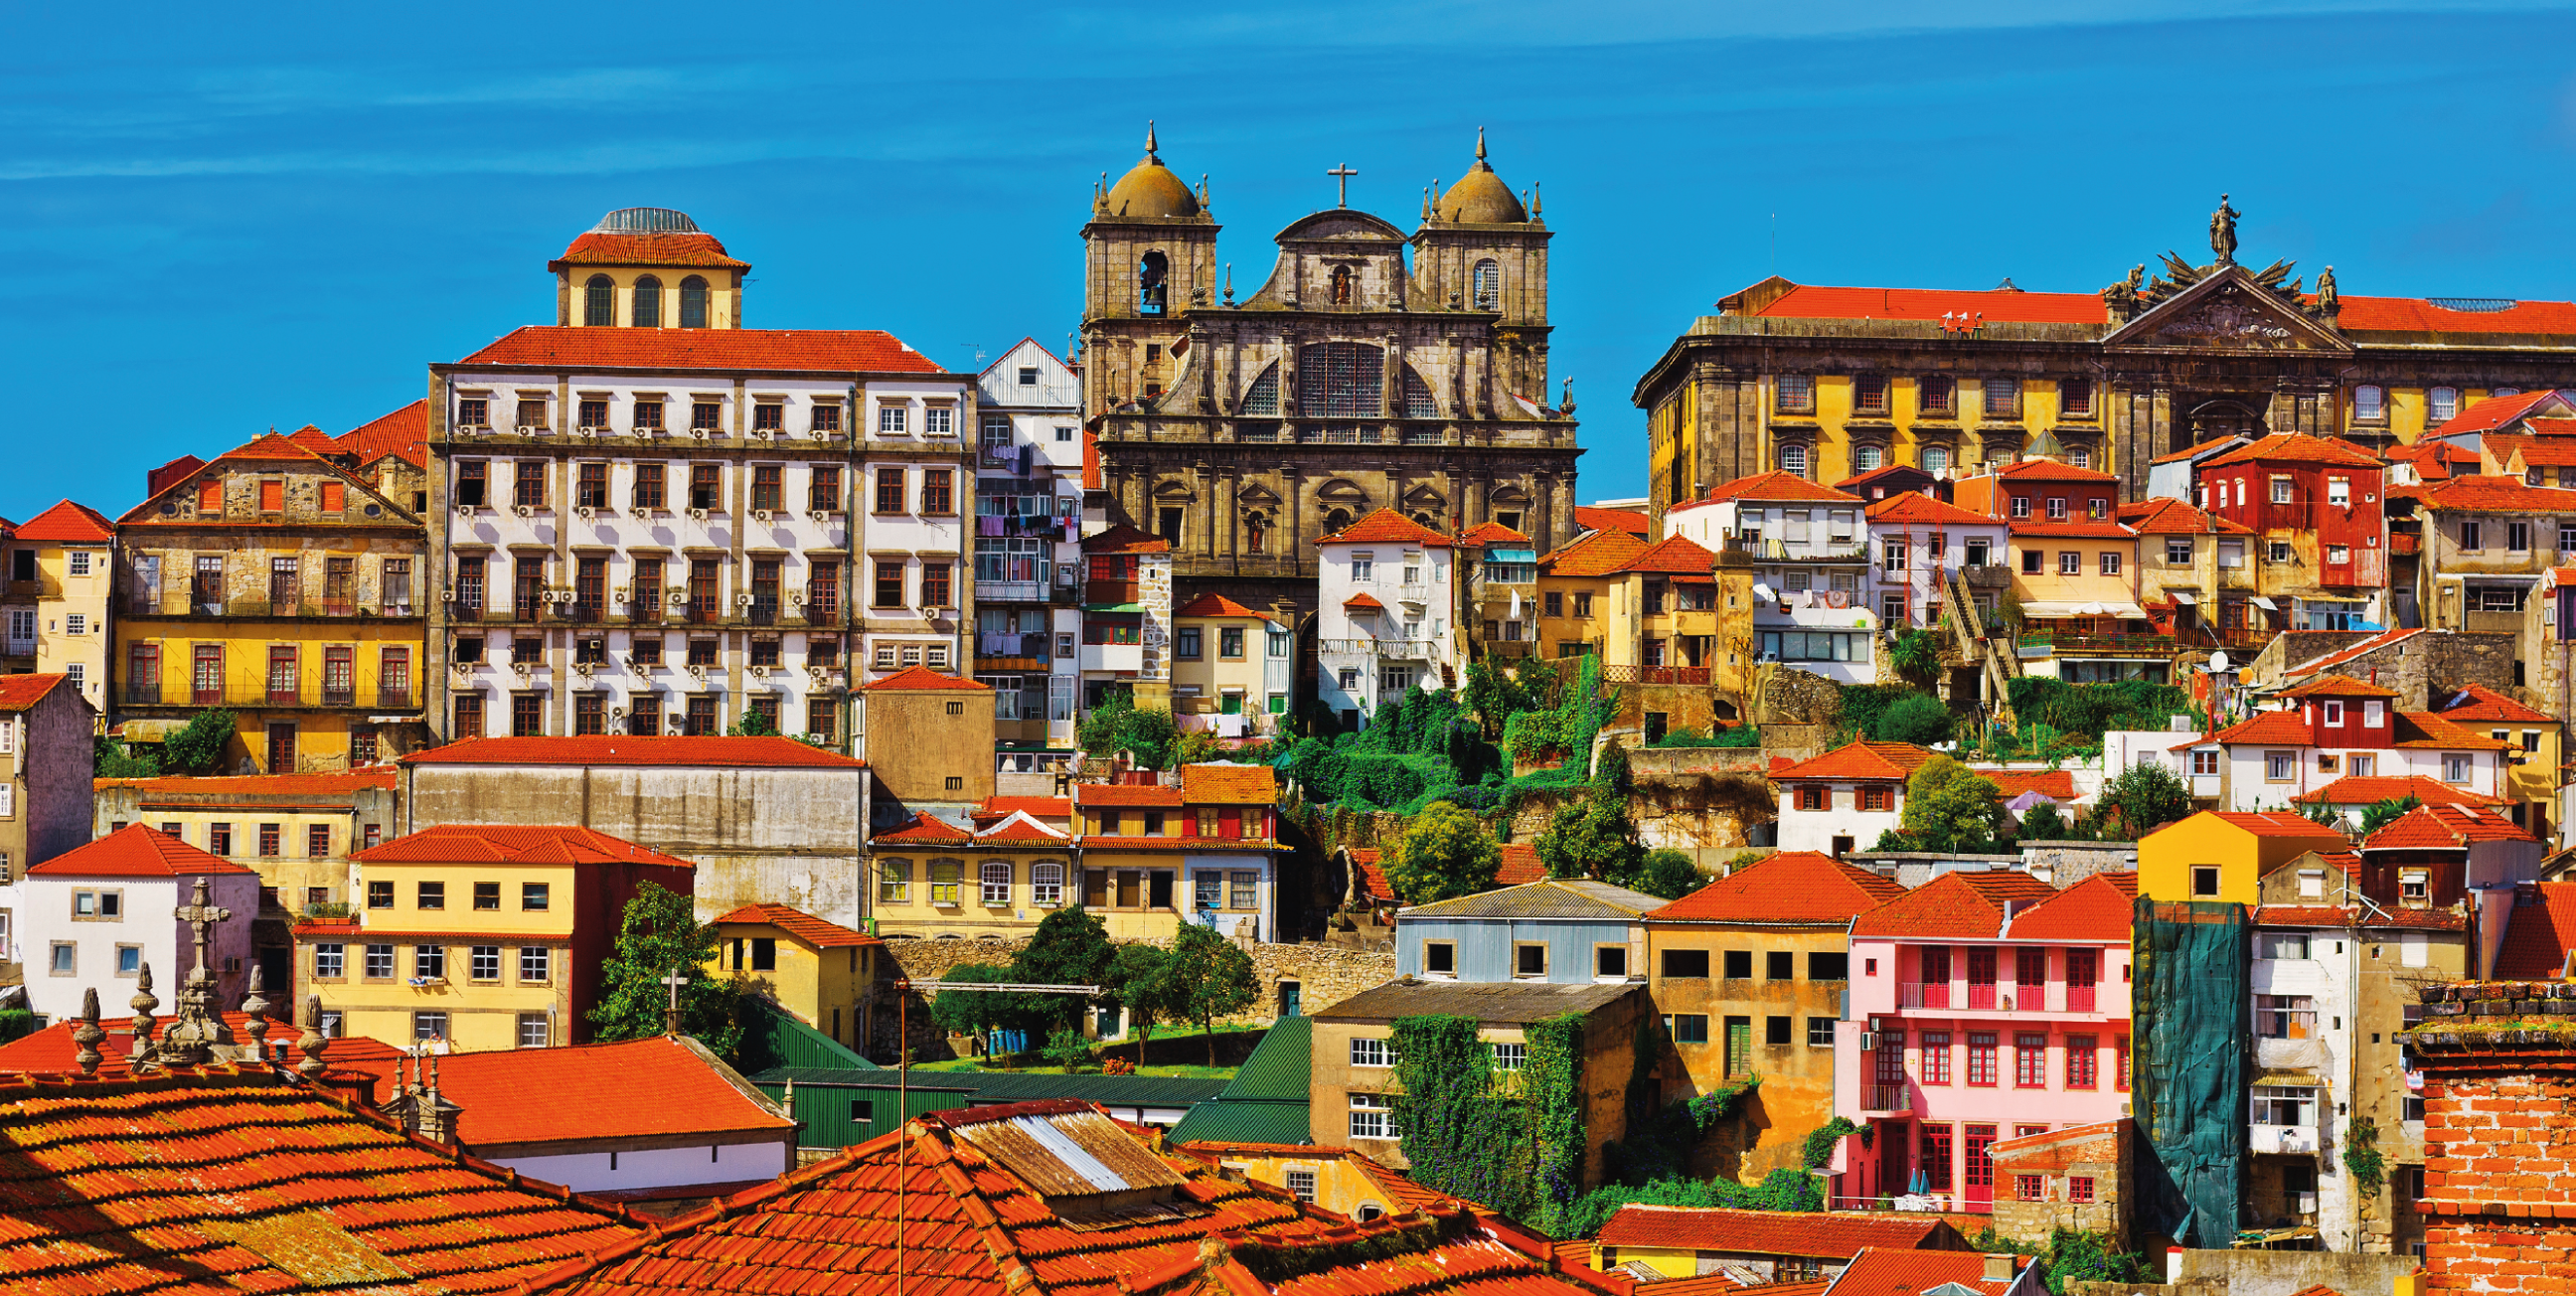 ВНЖ Португалии, способы получения вида на жительство за миннимальные инвестиции в недвижимость или ценные бумаги страны